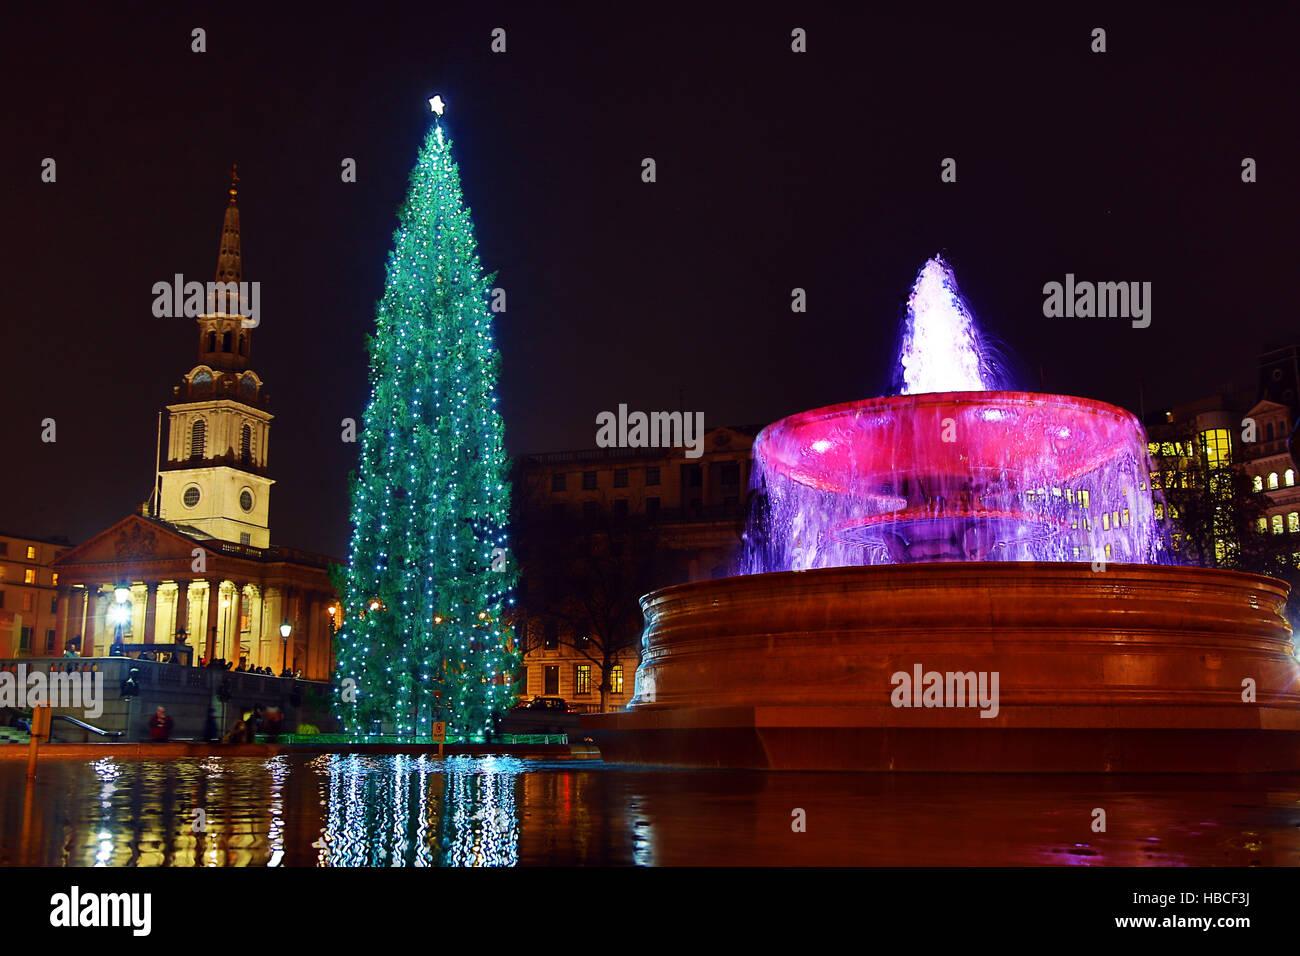 Londres, Reino Unido. 5 de diciembre de 2016. Árbol de Navidad de Trafalgar Square y fuente en Trafalgar Square, Imagen De Stock